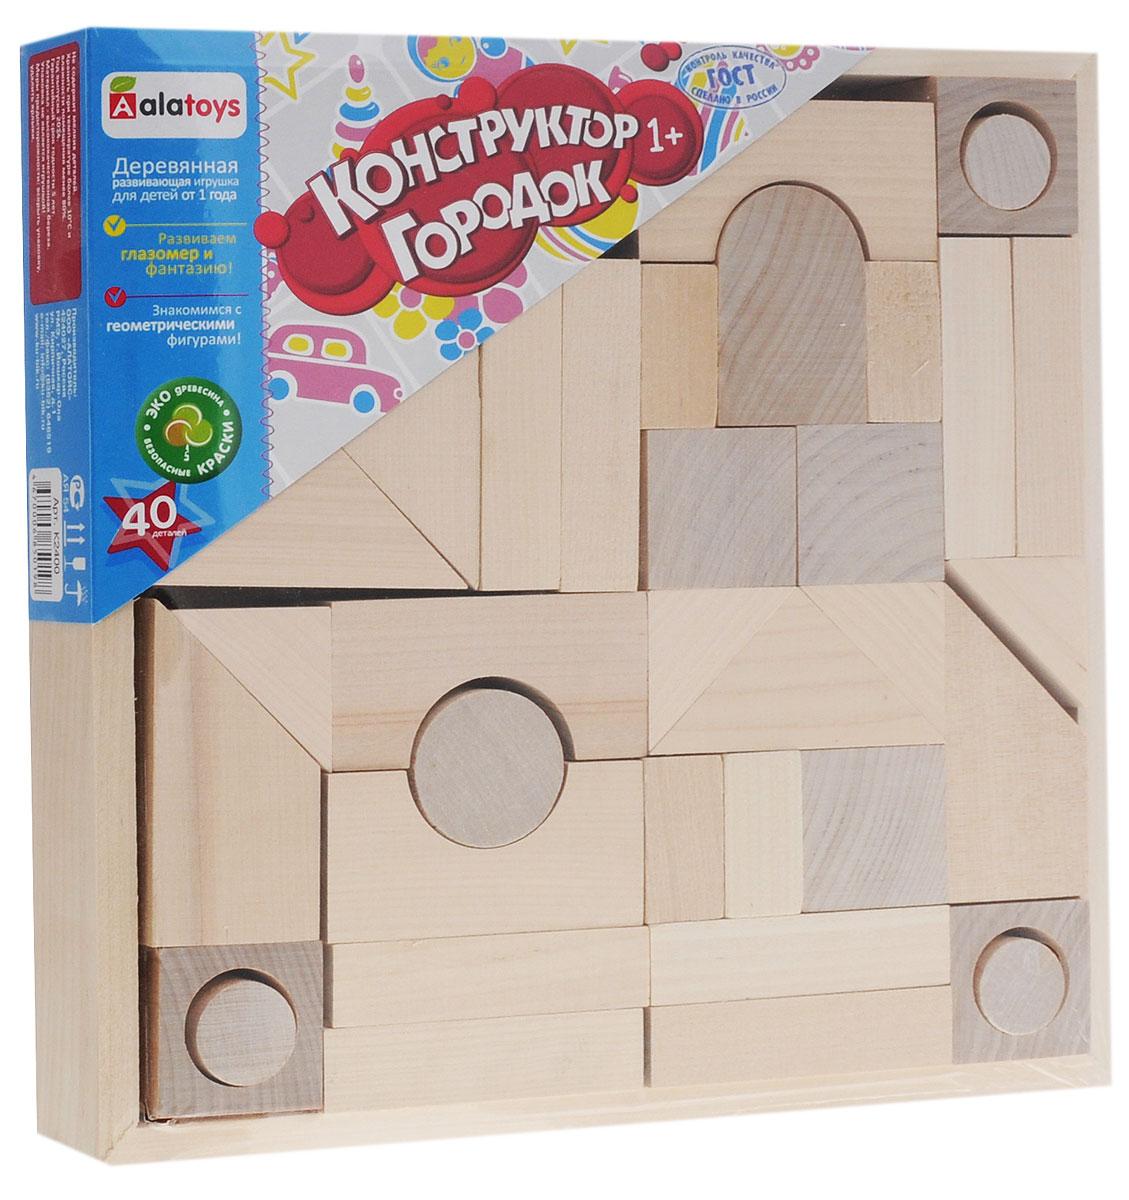 Alatoys Конструктор Городок К2400К2400Конструктор Alatoys Городок - это замечательный развивающий набор, который отвечает всем требованиям, предъявляемым детским игрушкам. Здоровье ребенка: Игрушка совершенно безопасна для здоровья малыша в силу того, что ее детали изготовлены из натурального и экологически чистого материала - древесины березы. Развитие ребенка. В процессе игры с конструктором у ребенка развиваются: Творческие способности; Мелкая моторика рук; Логическое мышление; Пространственное воображение; Внимание. Надежность игрушки: Конструктор будет радовать малыша долгое время, потому что его элементы изготовлены из прочных и качественных материалов. Детали набора ребенок не сломает и не разобьет, они будут оставаться целыми и невредимыми! Интерес: Вашему ребенку будет интересно играть с этим набором, придумывая различные конструкции. Вы и ваш малыш сможете собирать замки, машинки, животных и другие интересные...